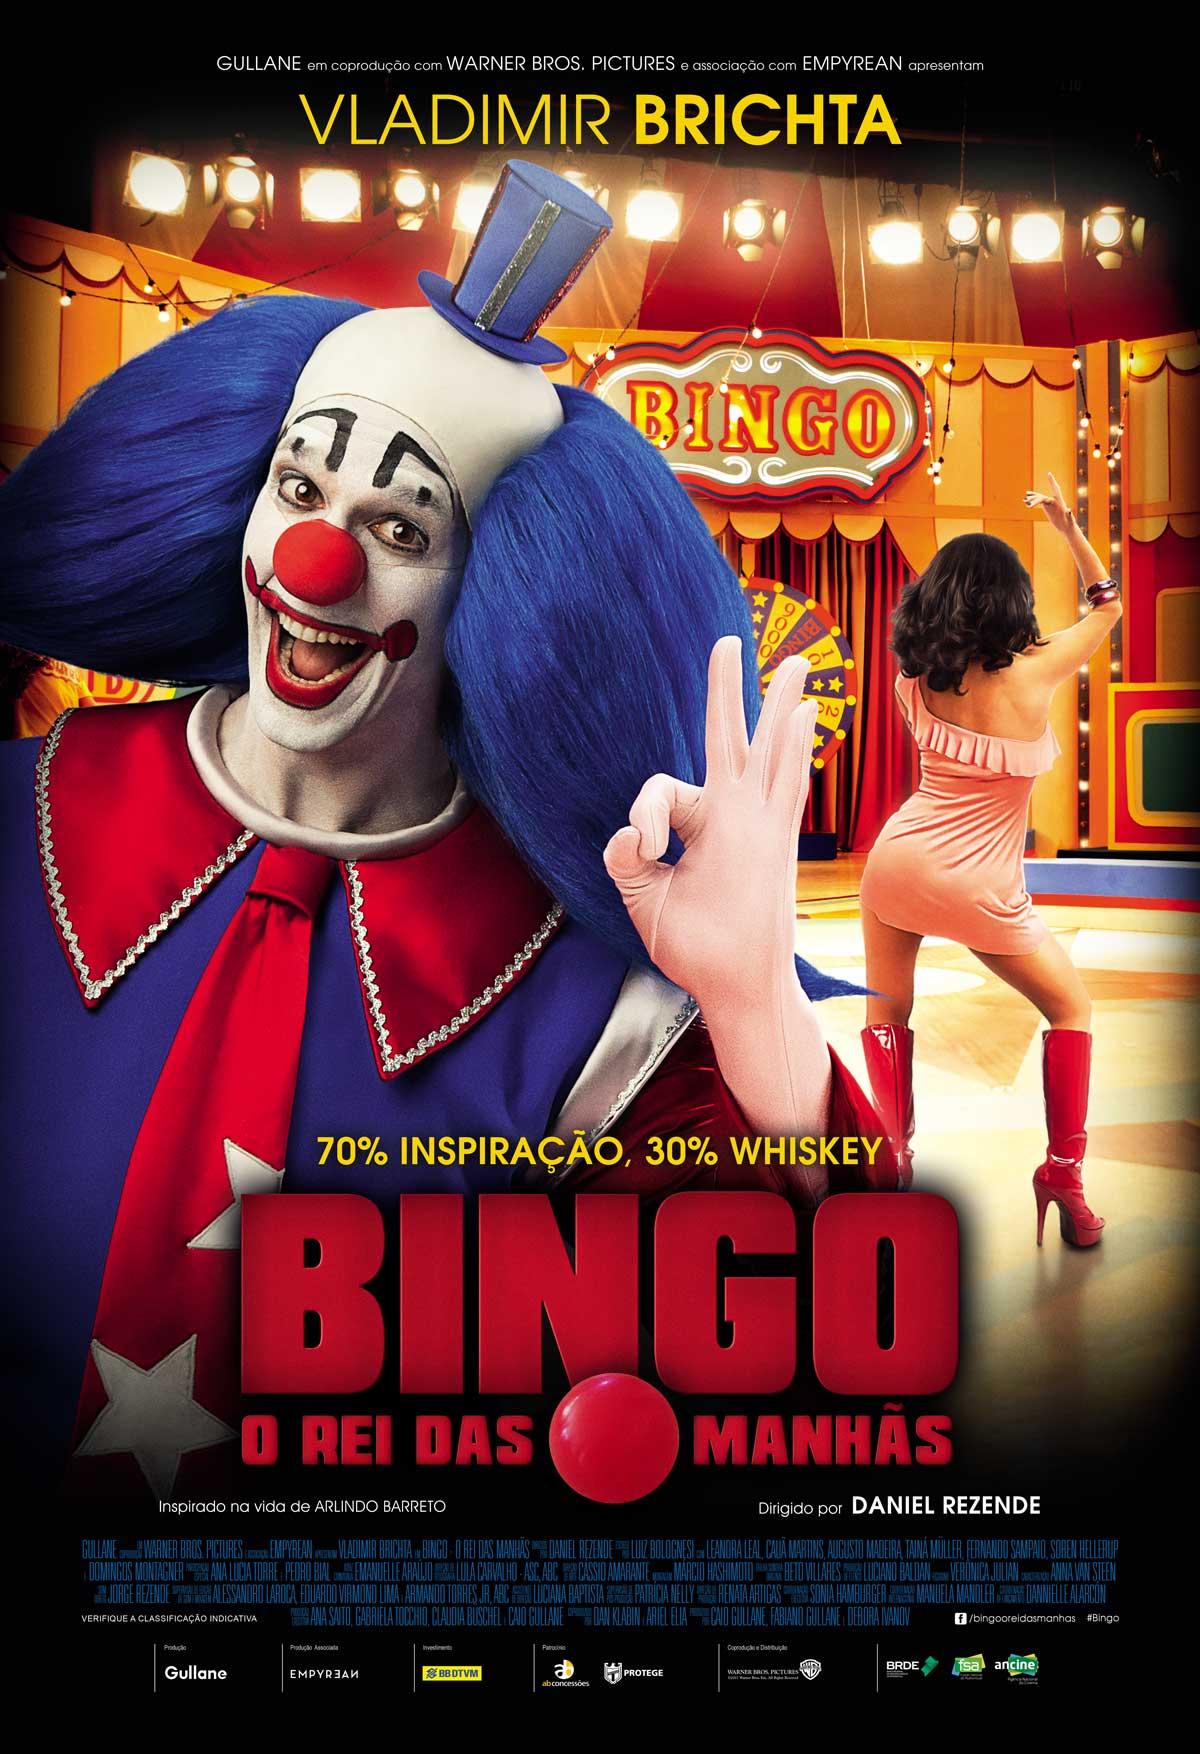 Bingo, o rei das manhãs